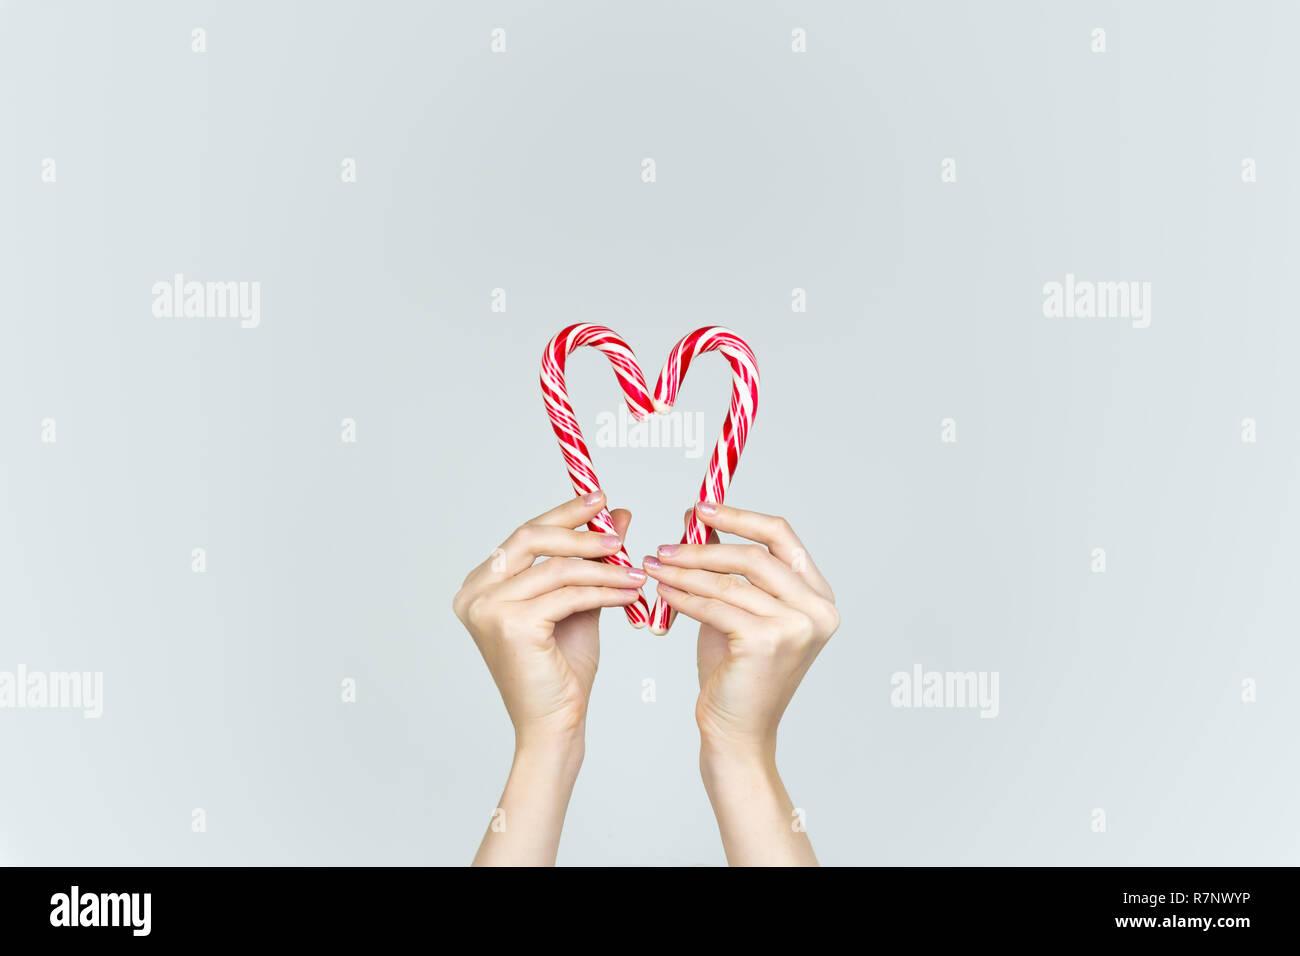 Amore e bontà del concetto: mani tenere due candy canes rendendo la forma del cuore. Cuore formata da due bianchi e rossi dolci di Natale. Immagini Stock